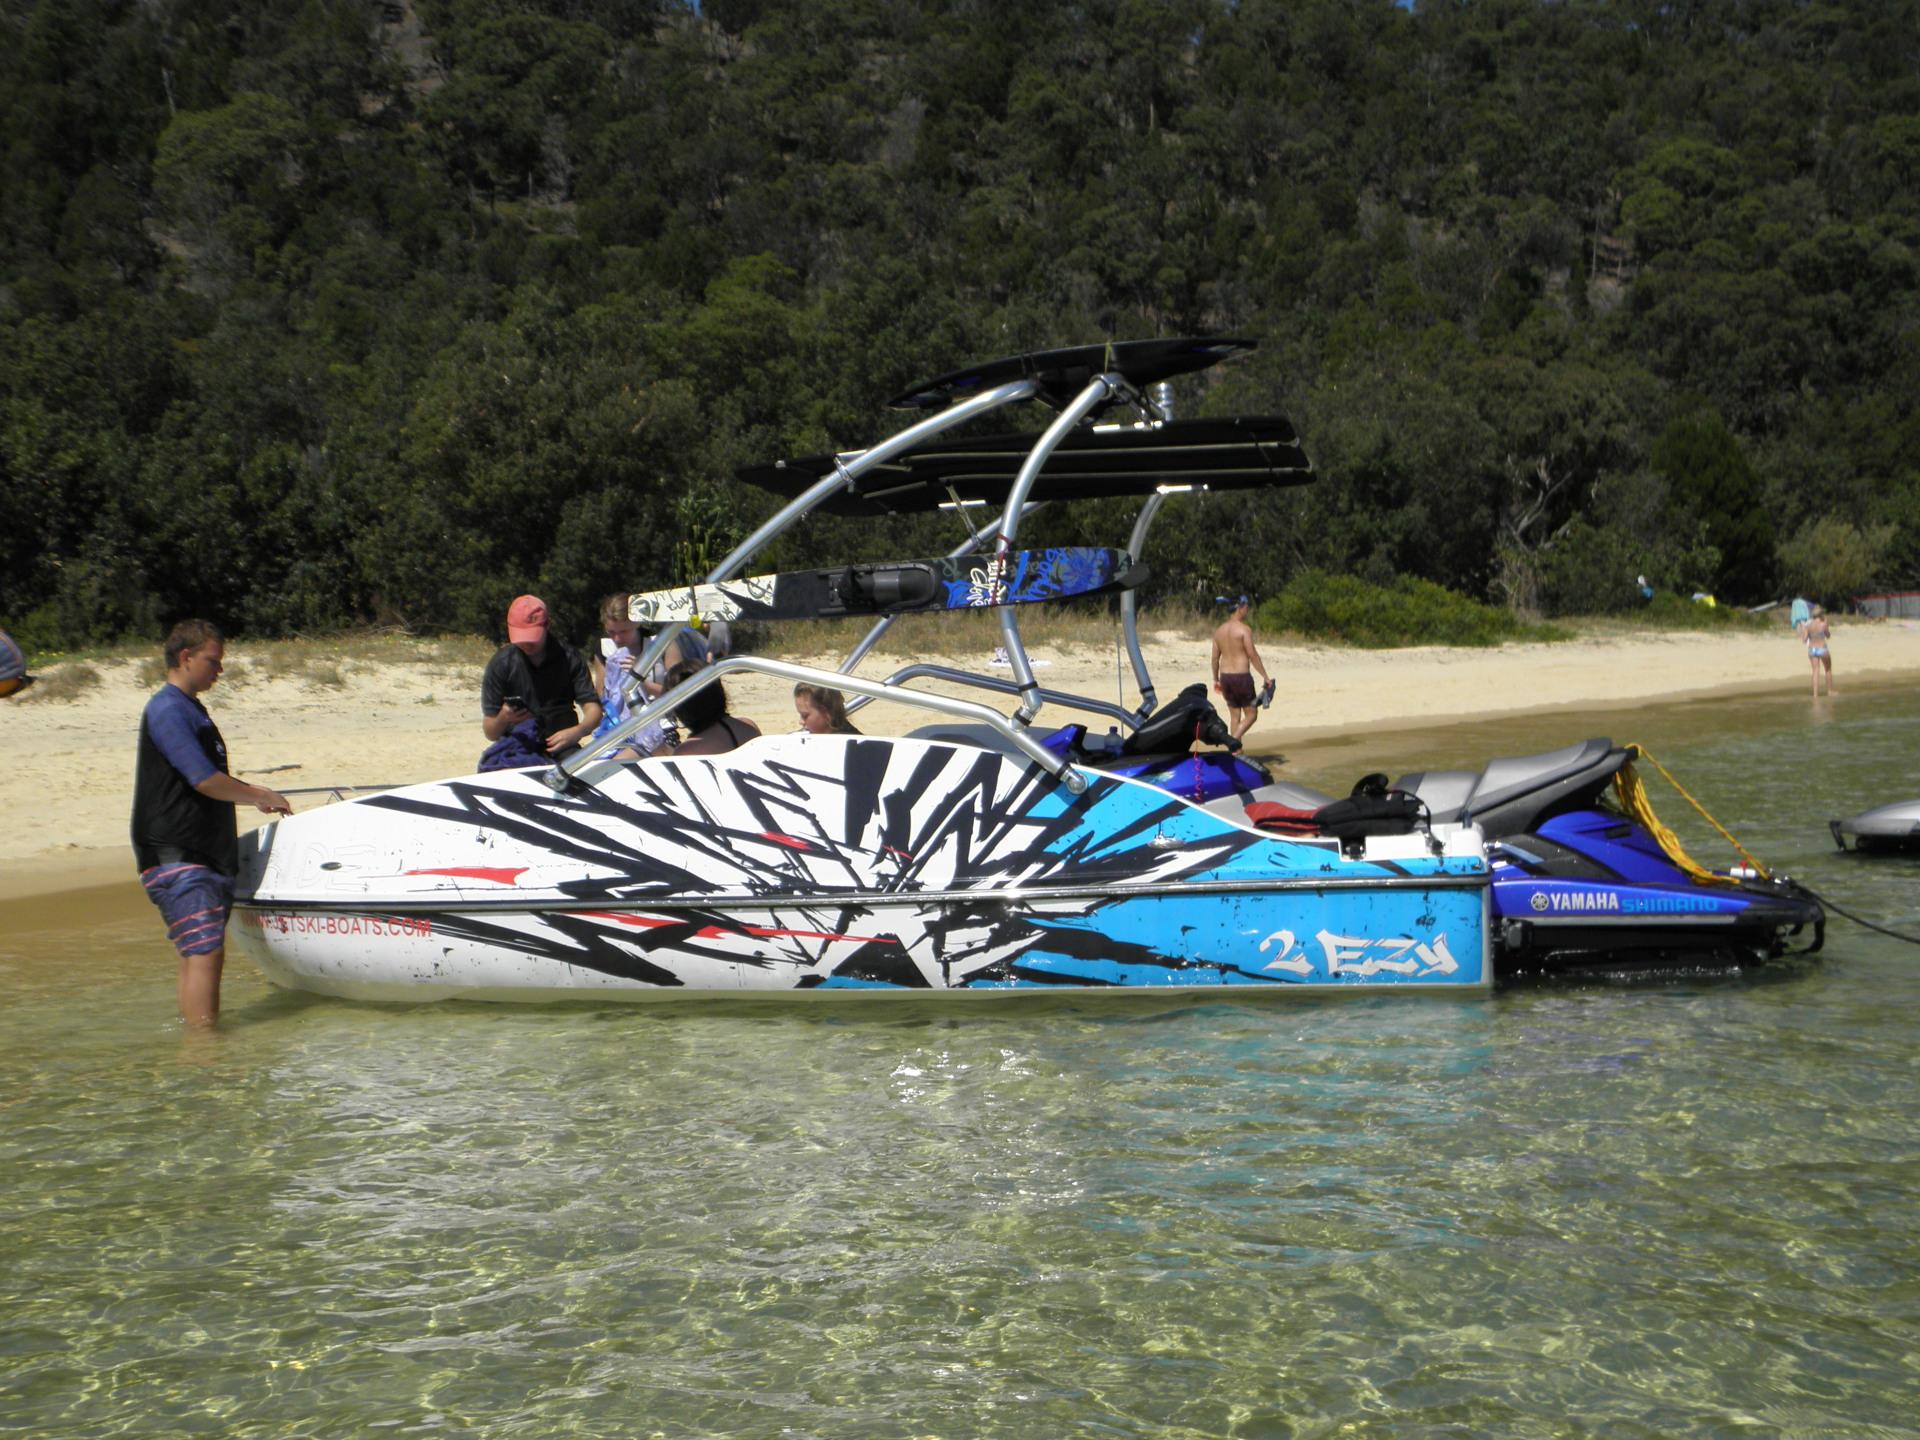 jetski boats